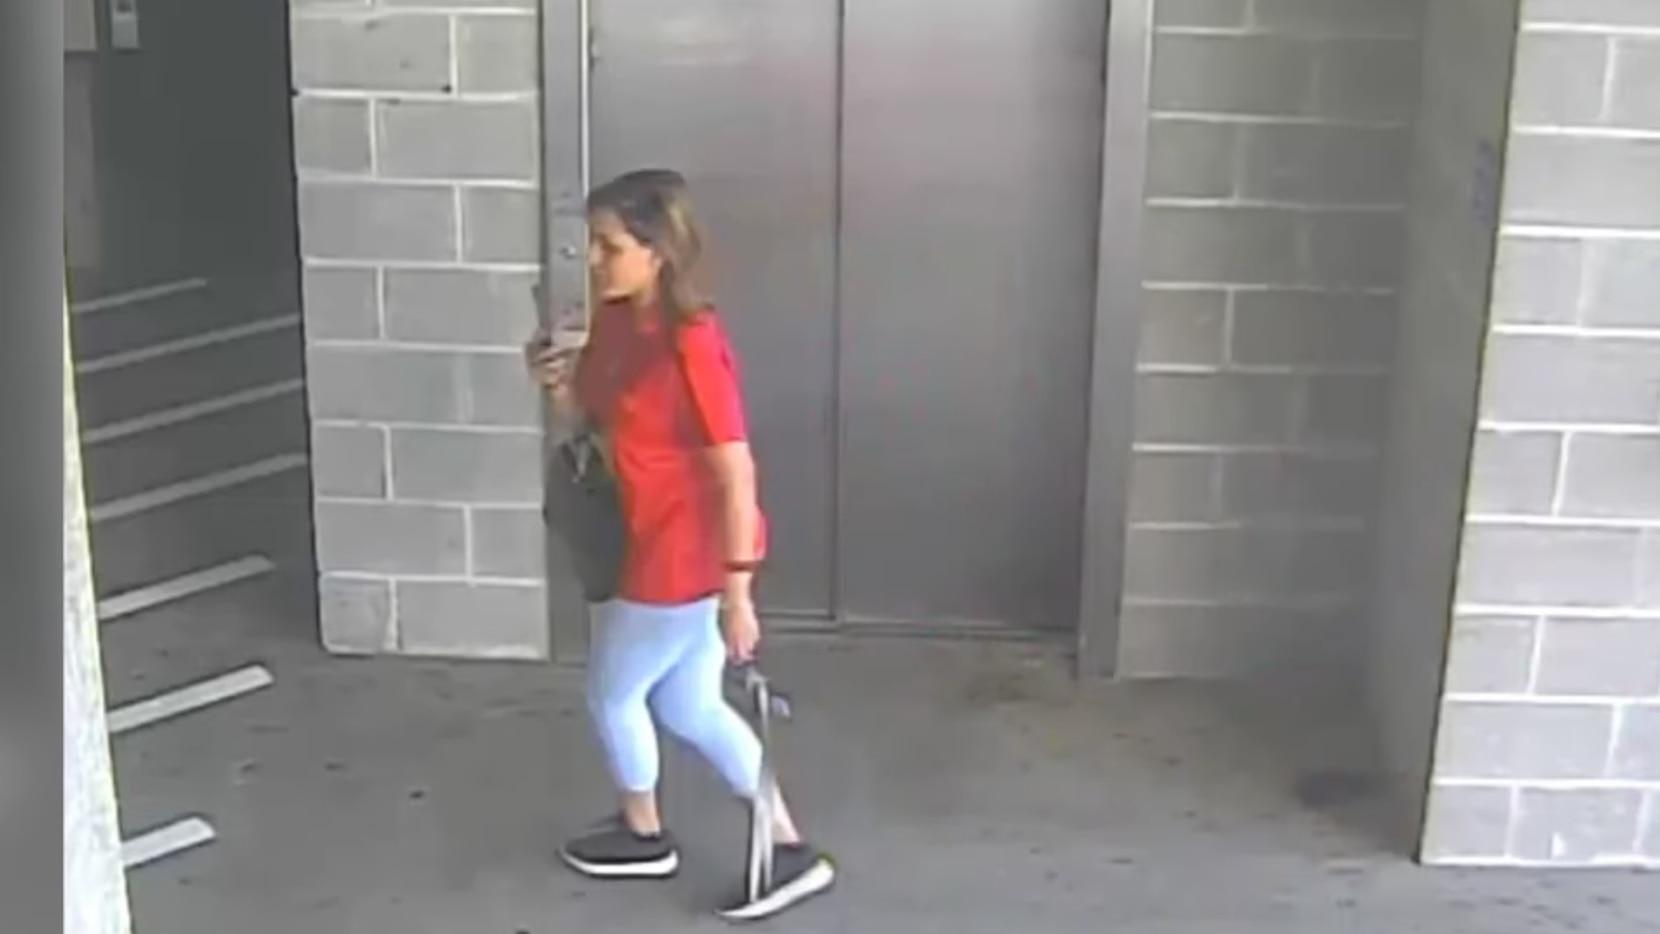 Prisma Denisse Peralta Reyes en una toma del video dado a conocer por la Policía de Mesquite.(CORTESIA)